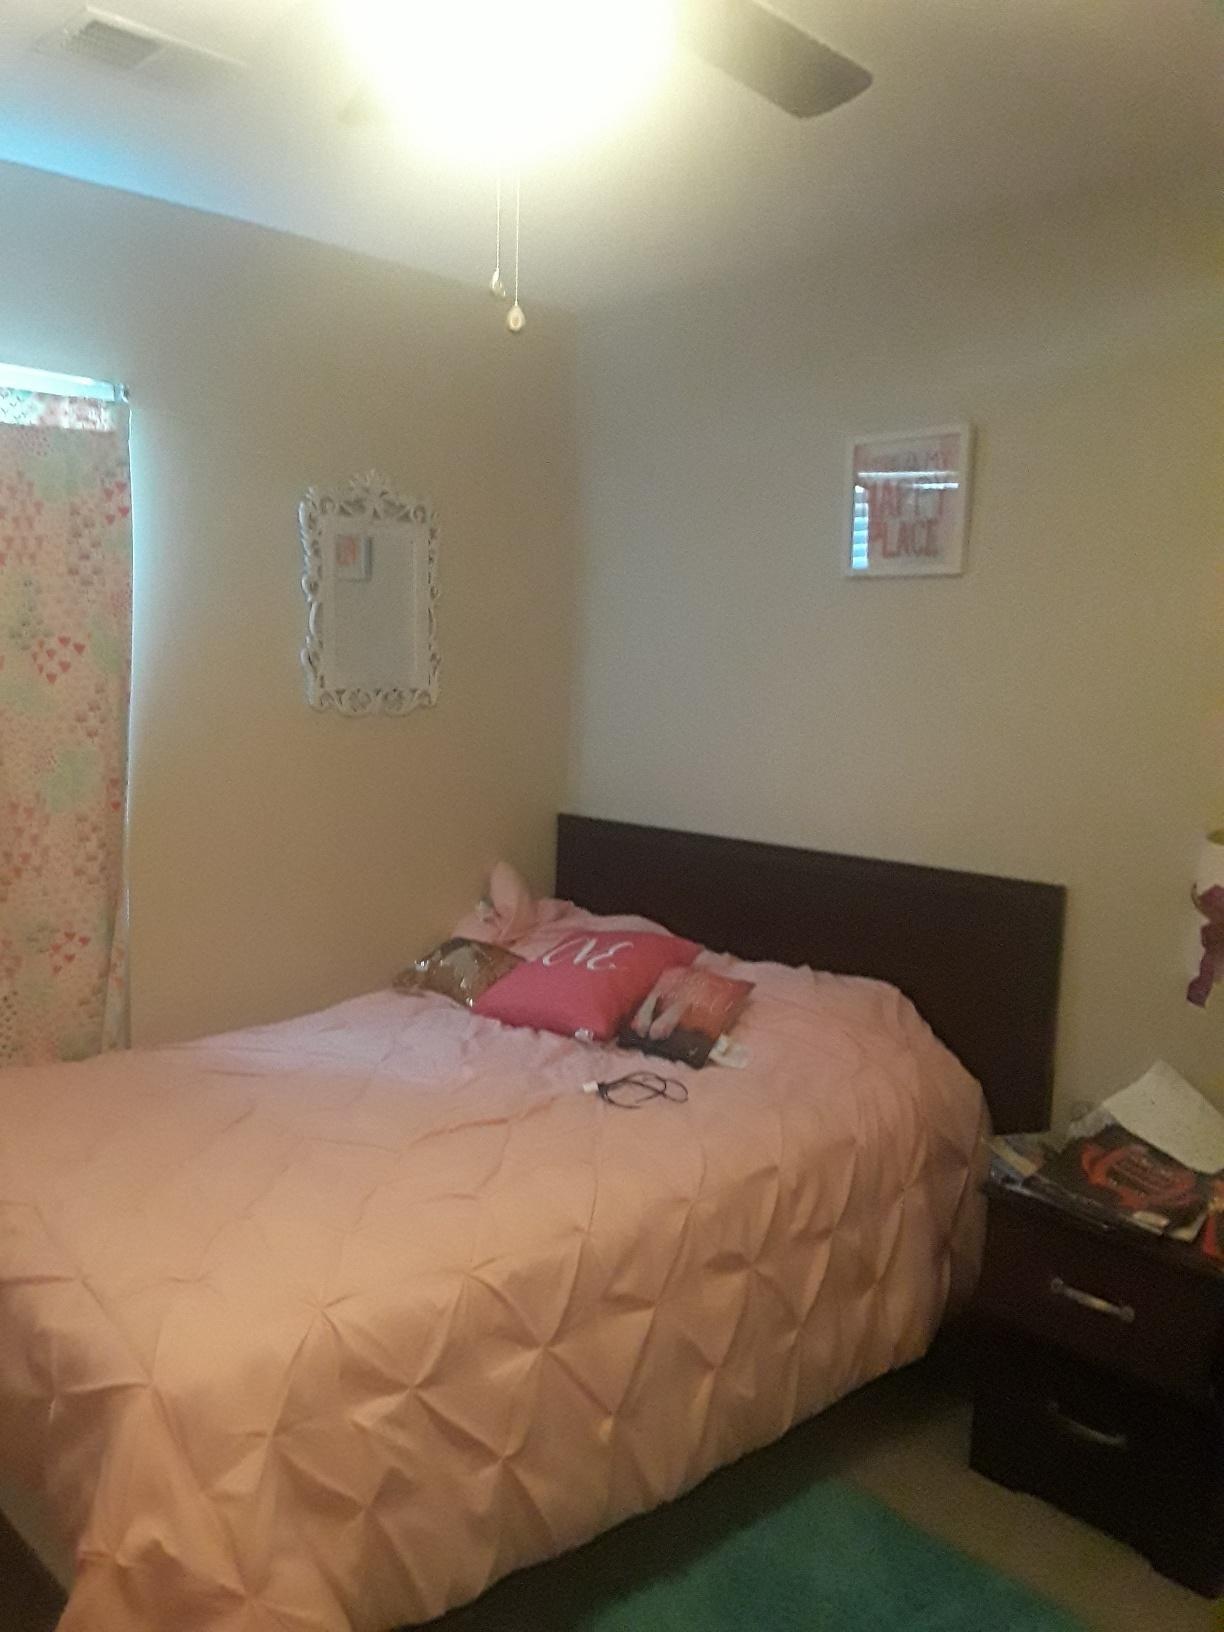 Hamlins Homes For Sale - 1419 Jefferson Road, Mount Pleasant, SC - 5